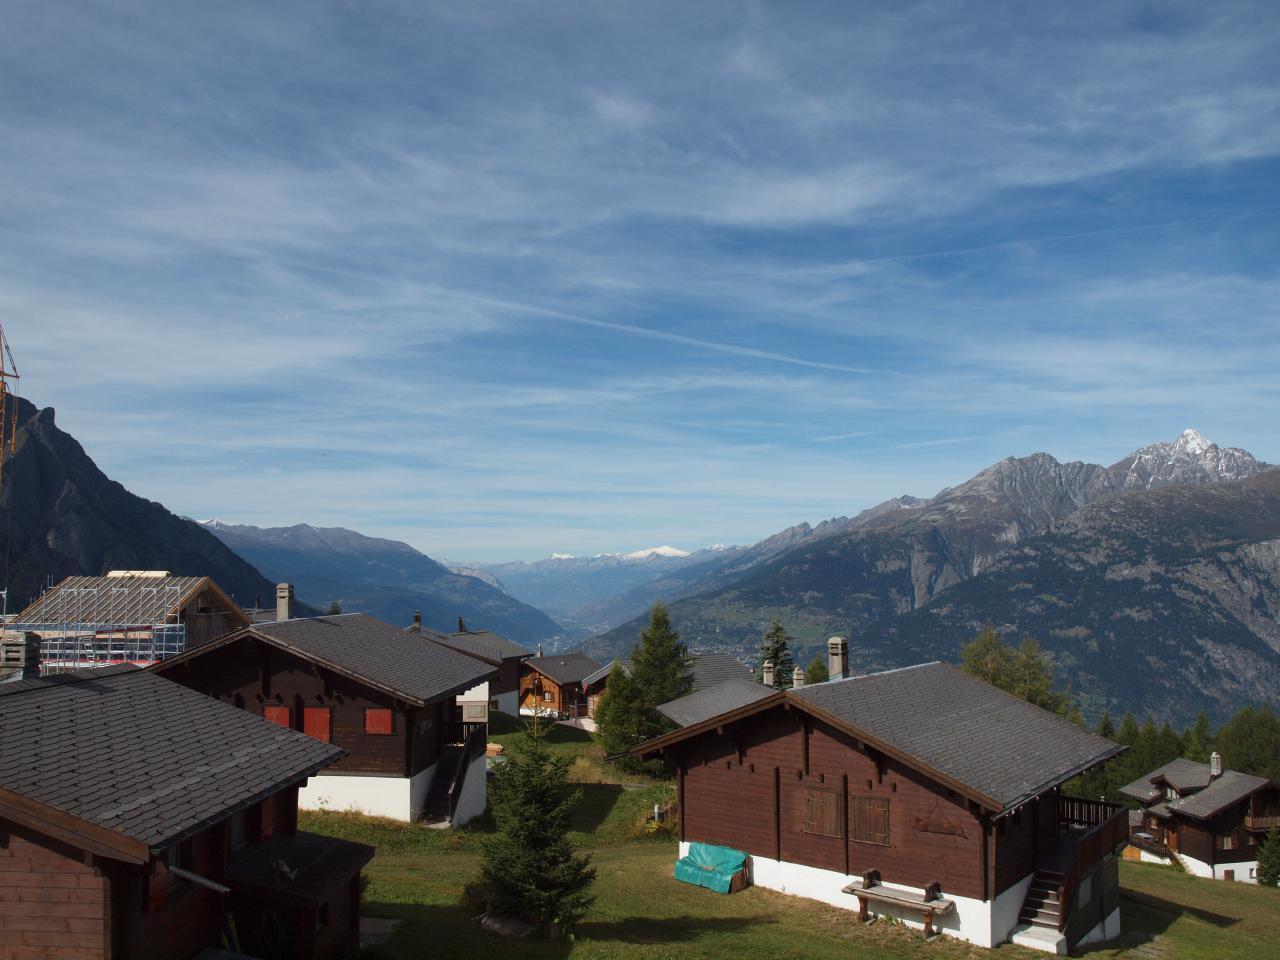 Ferienwohnung Urchiges Walliserchalet auf Rosswald | Alphütte OG (2171131), Rosswald, Brig - Simplon, Wallis, Schweiz, Bild 8